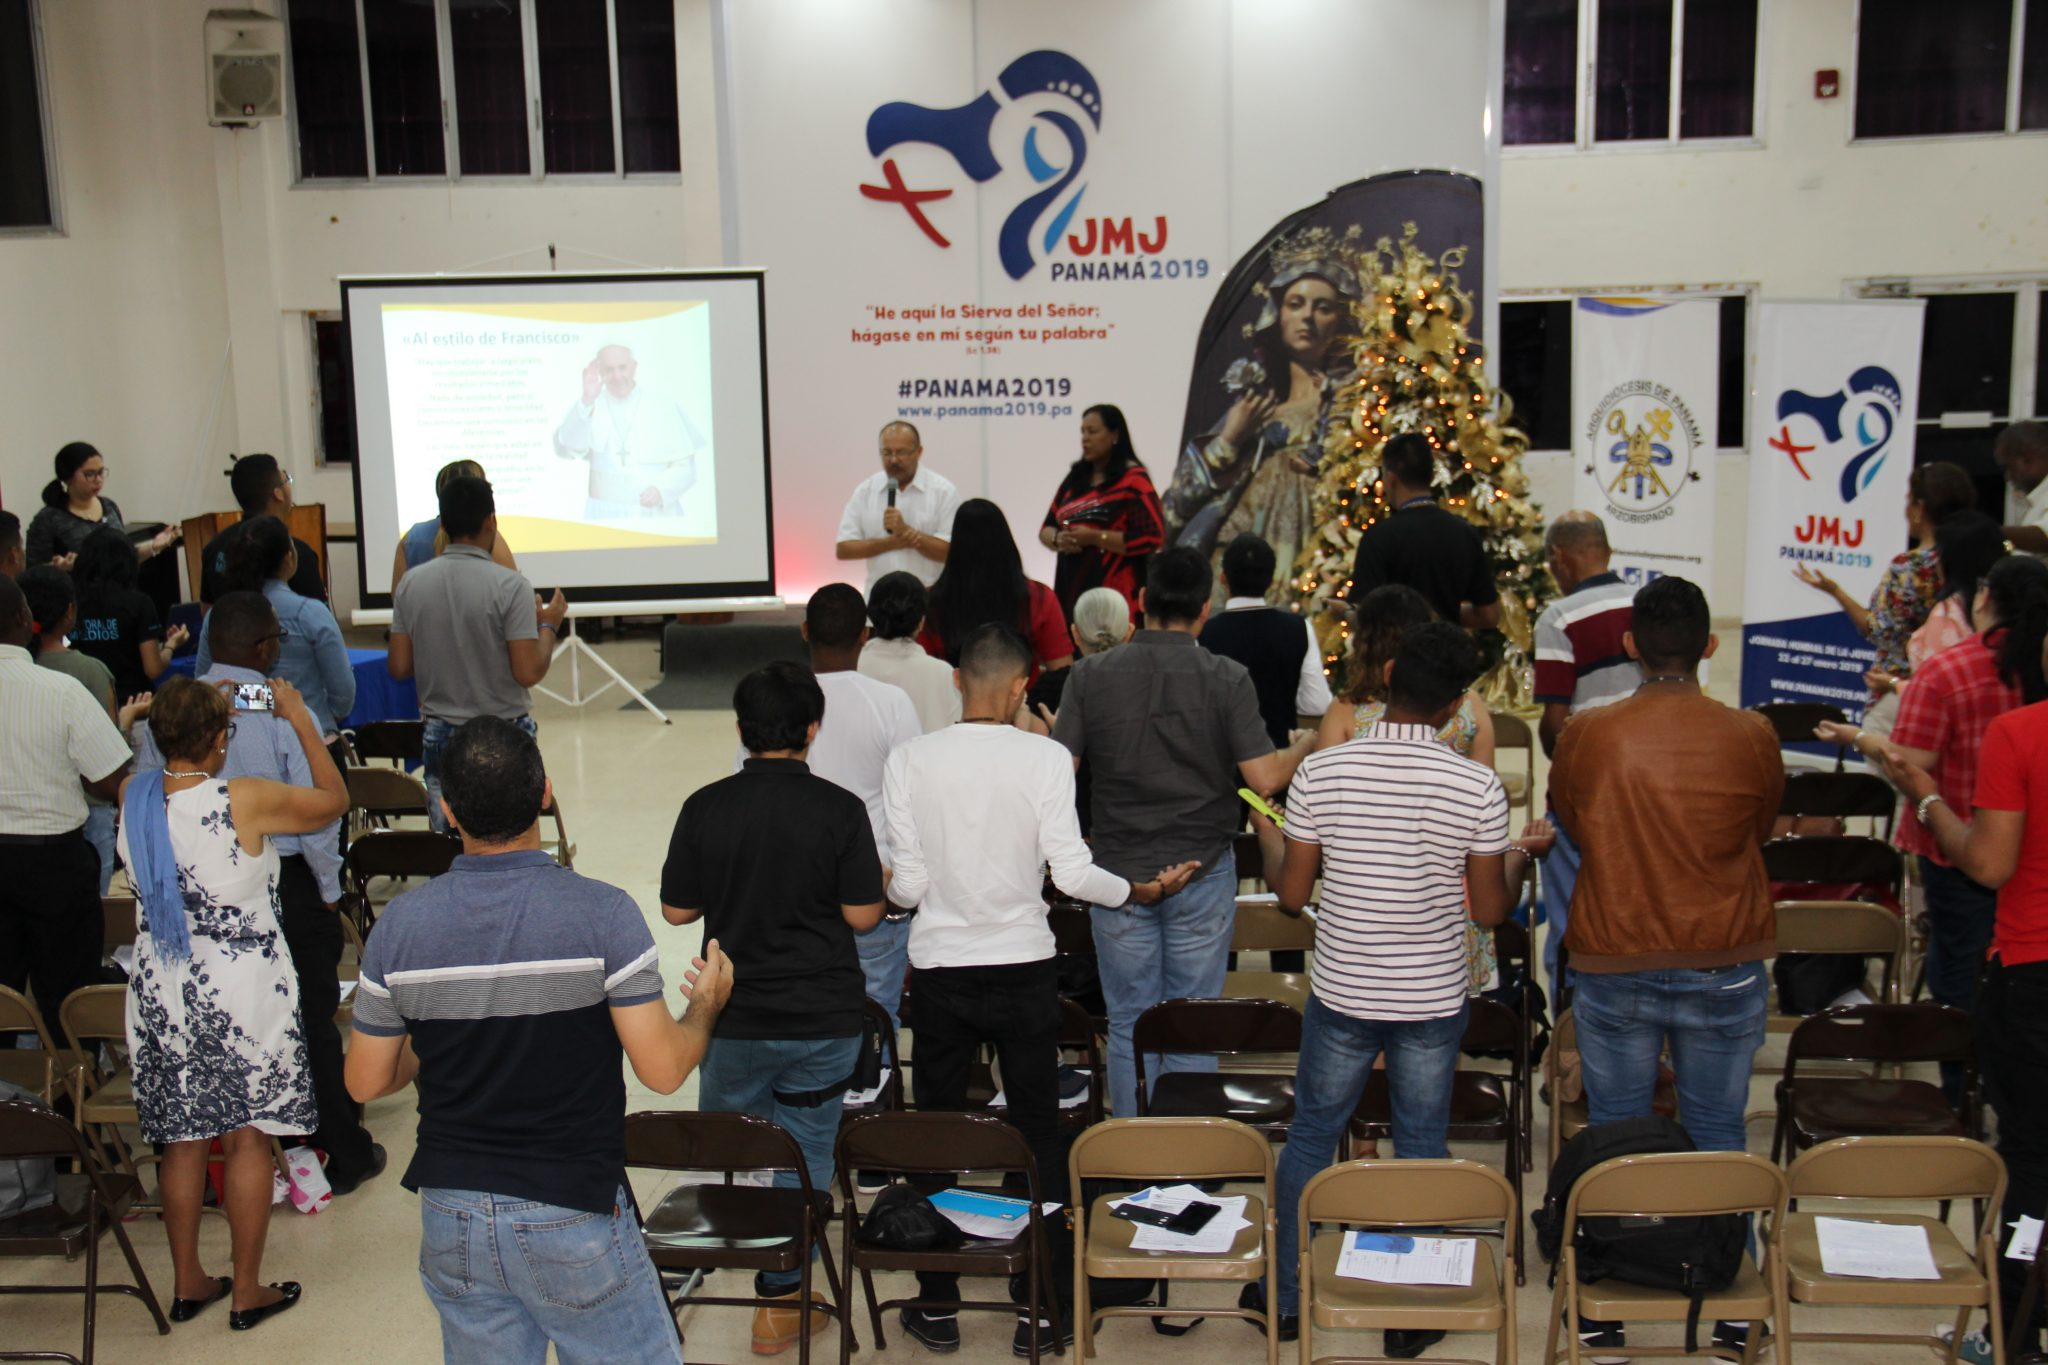 Con la creatividad de la juventud se  puede presentar el evangelio